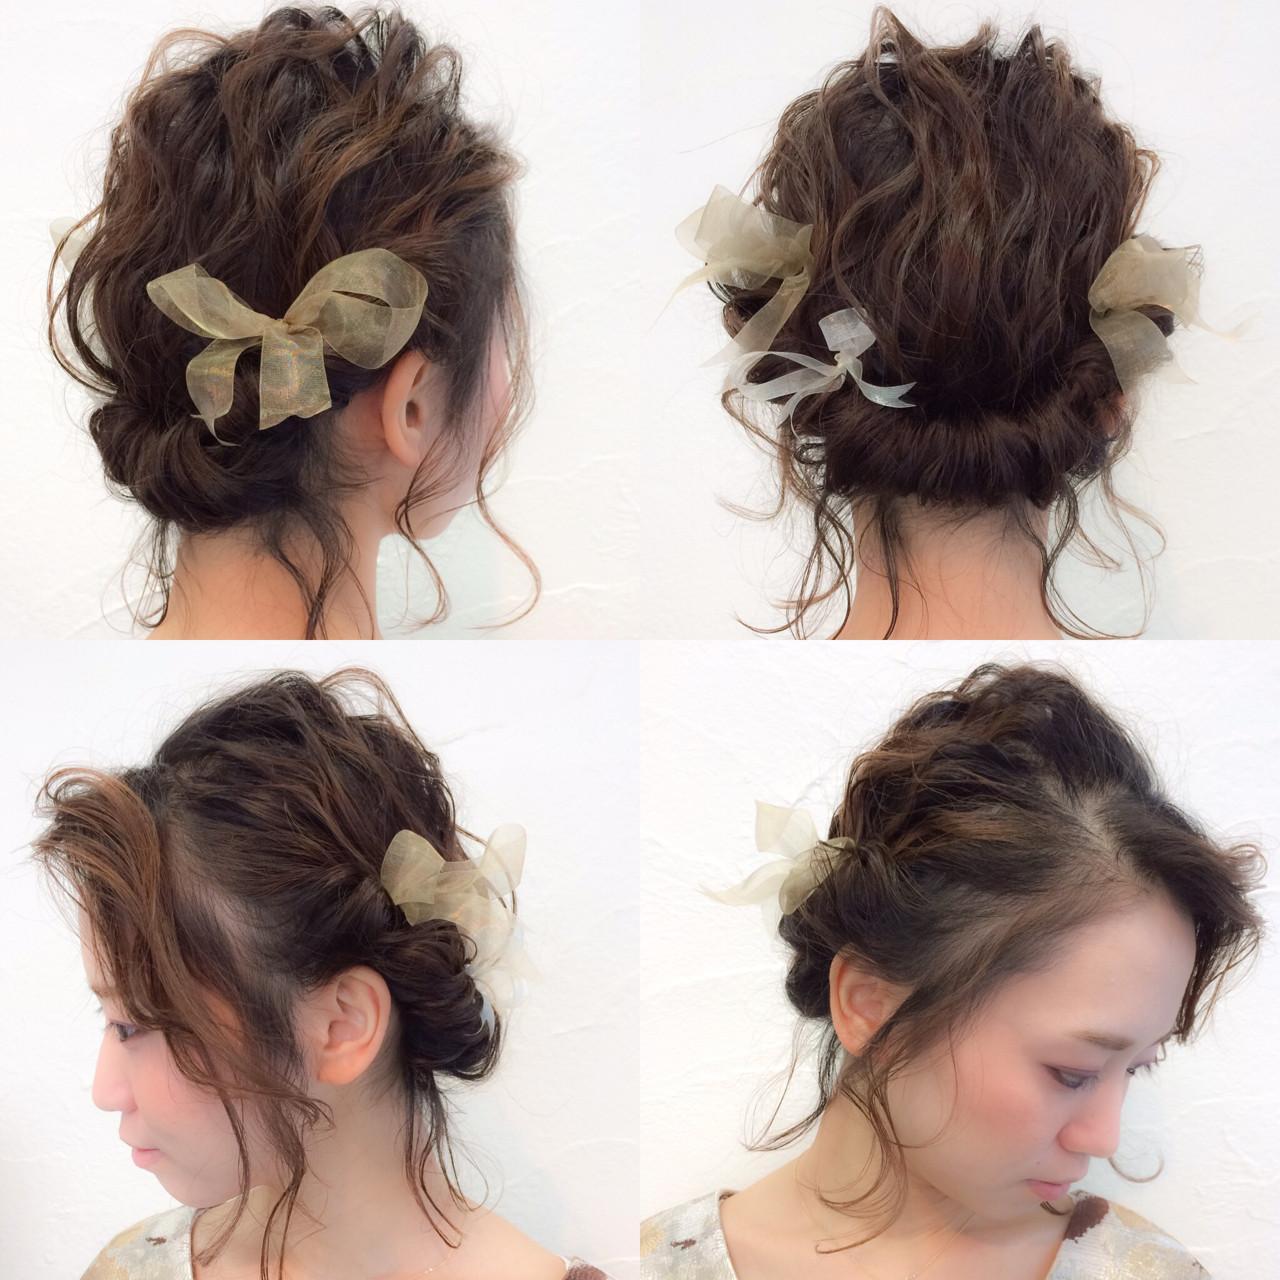 ゆるふわ ヘアアレンジ ボブ 結婚式 ヘアスタイルや髪型の写真・画像